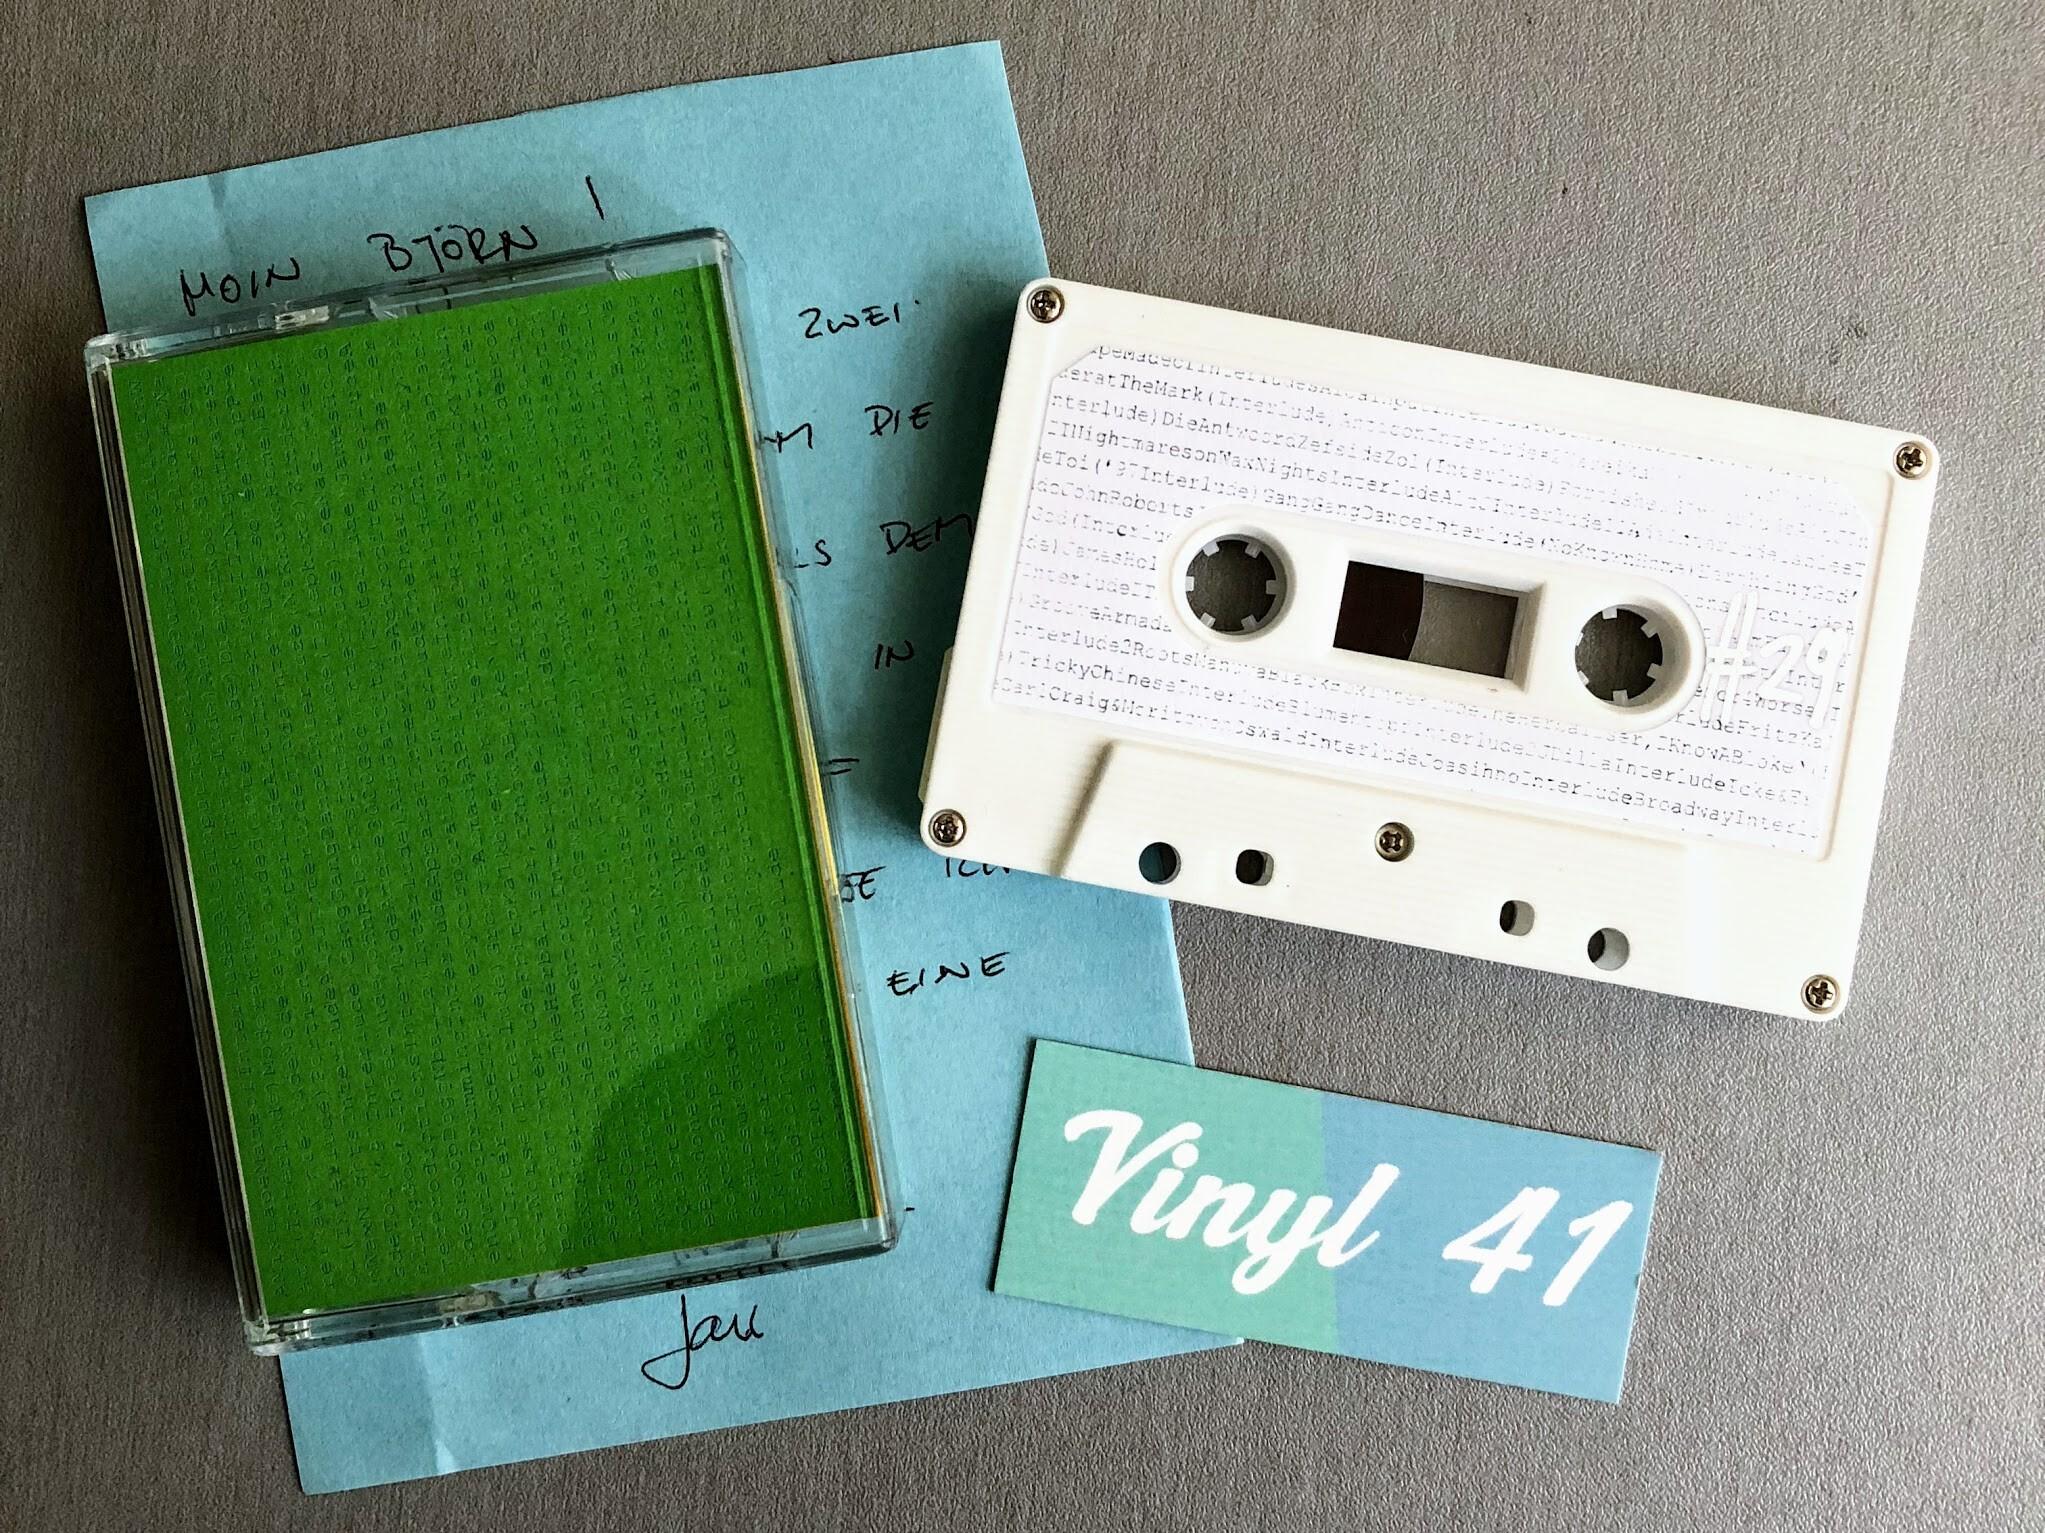 Jan Hertz - A Mixtape Made of Interludes